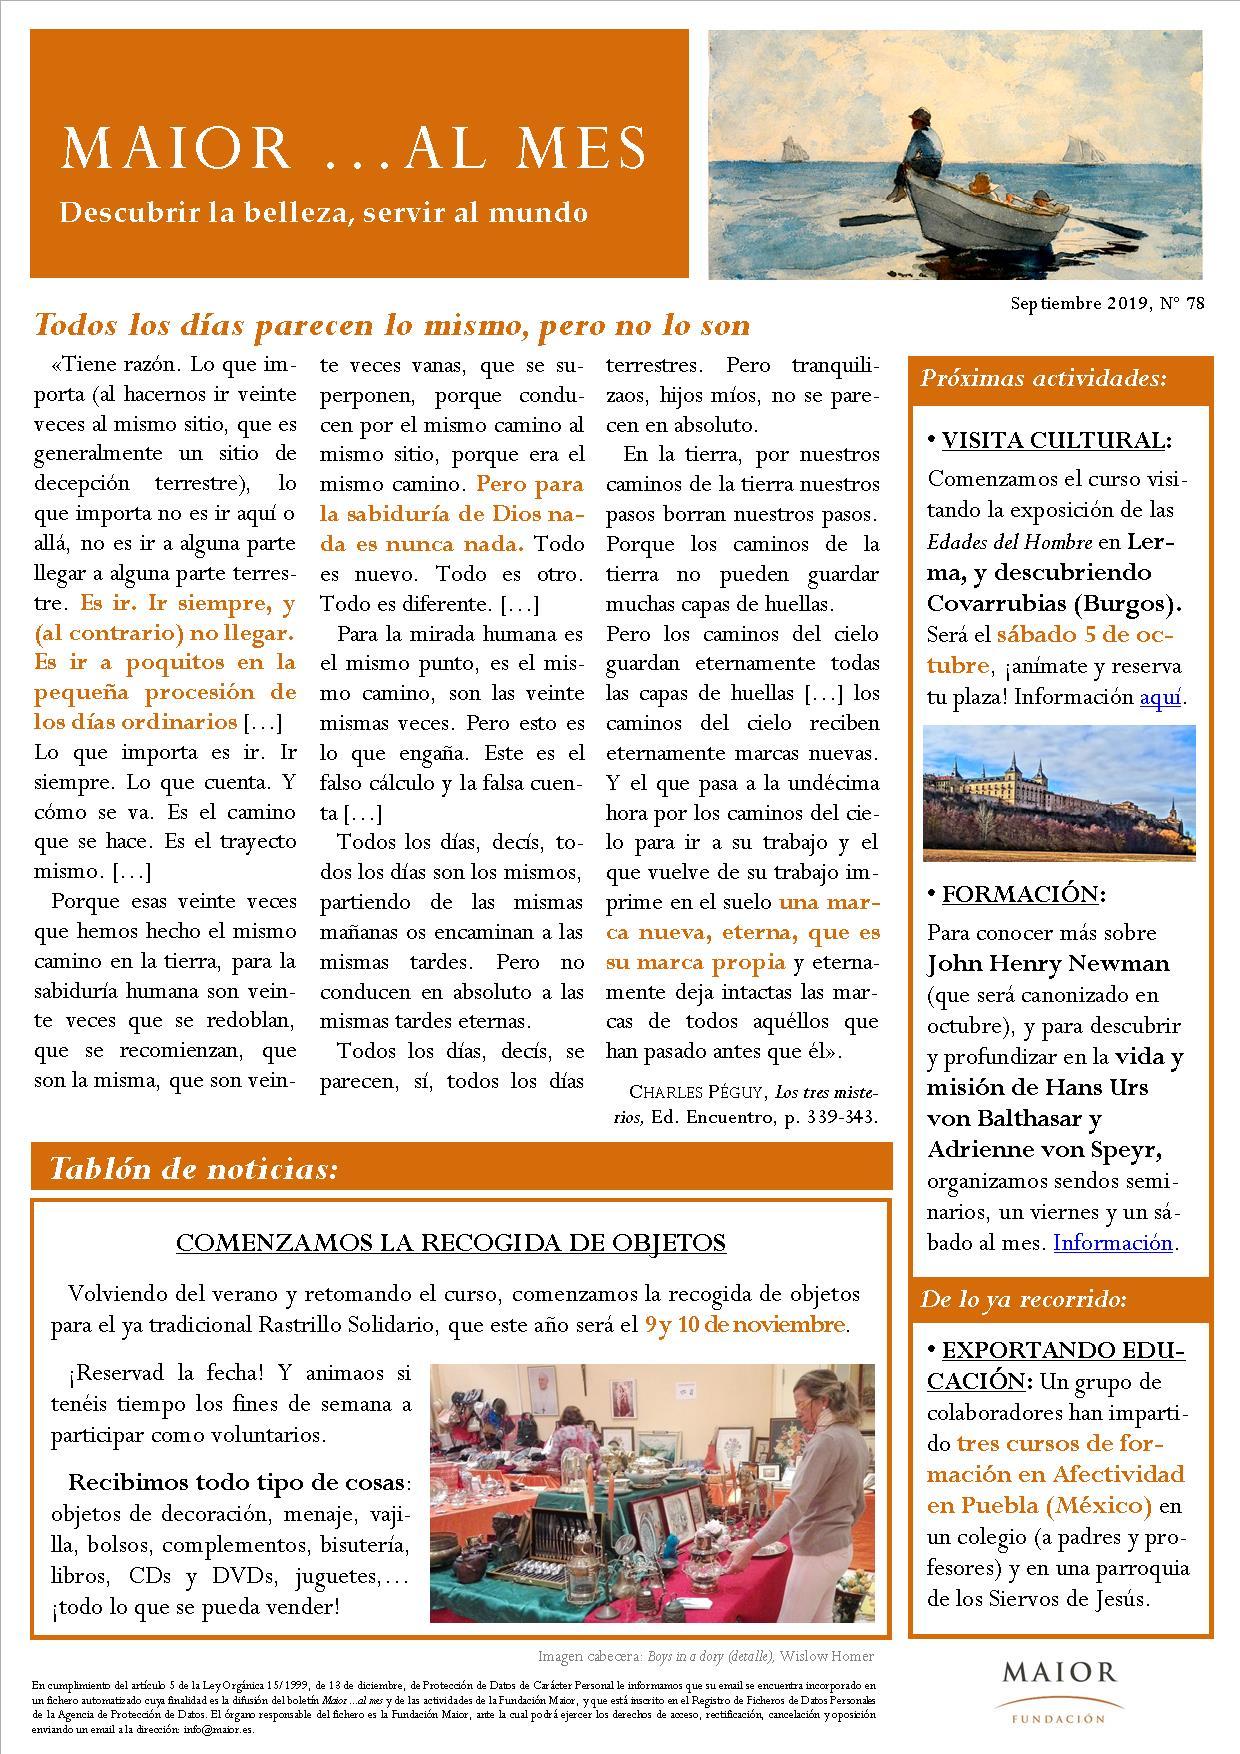 Boletín mensual de noticias y actividades de la Fundación Maior. Edición de septiembre 2019